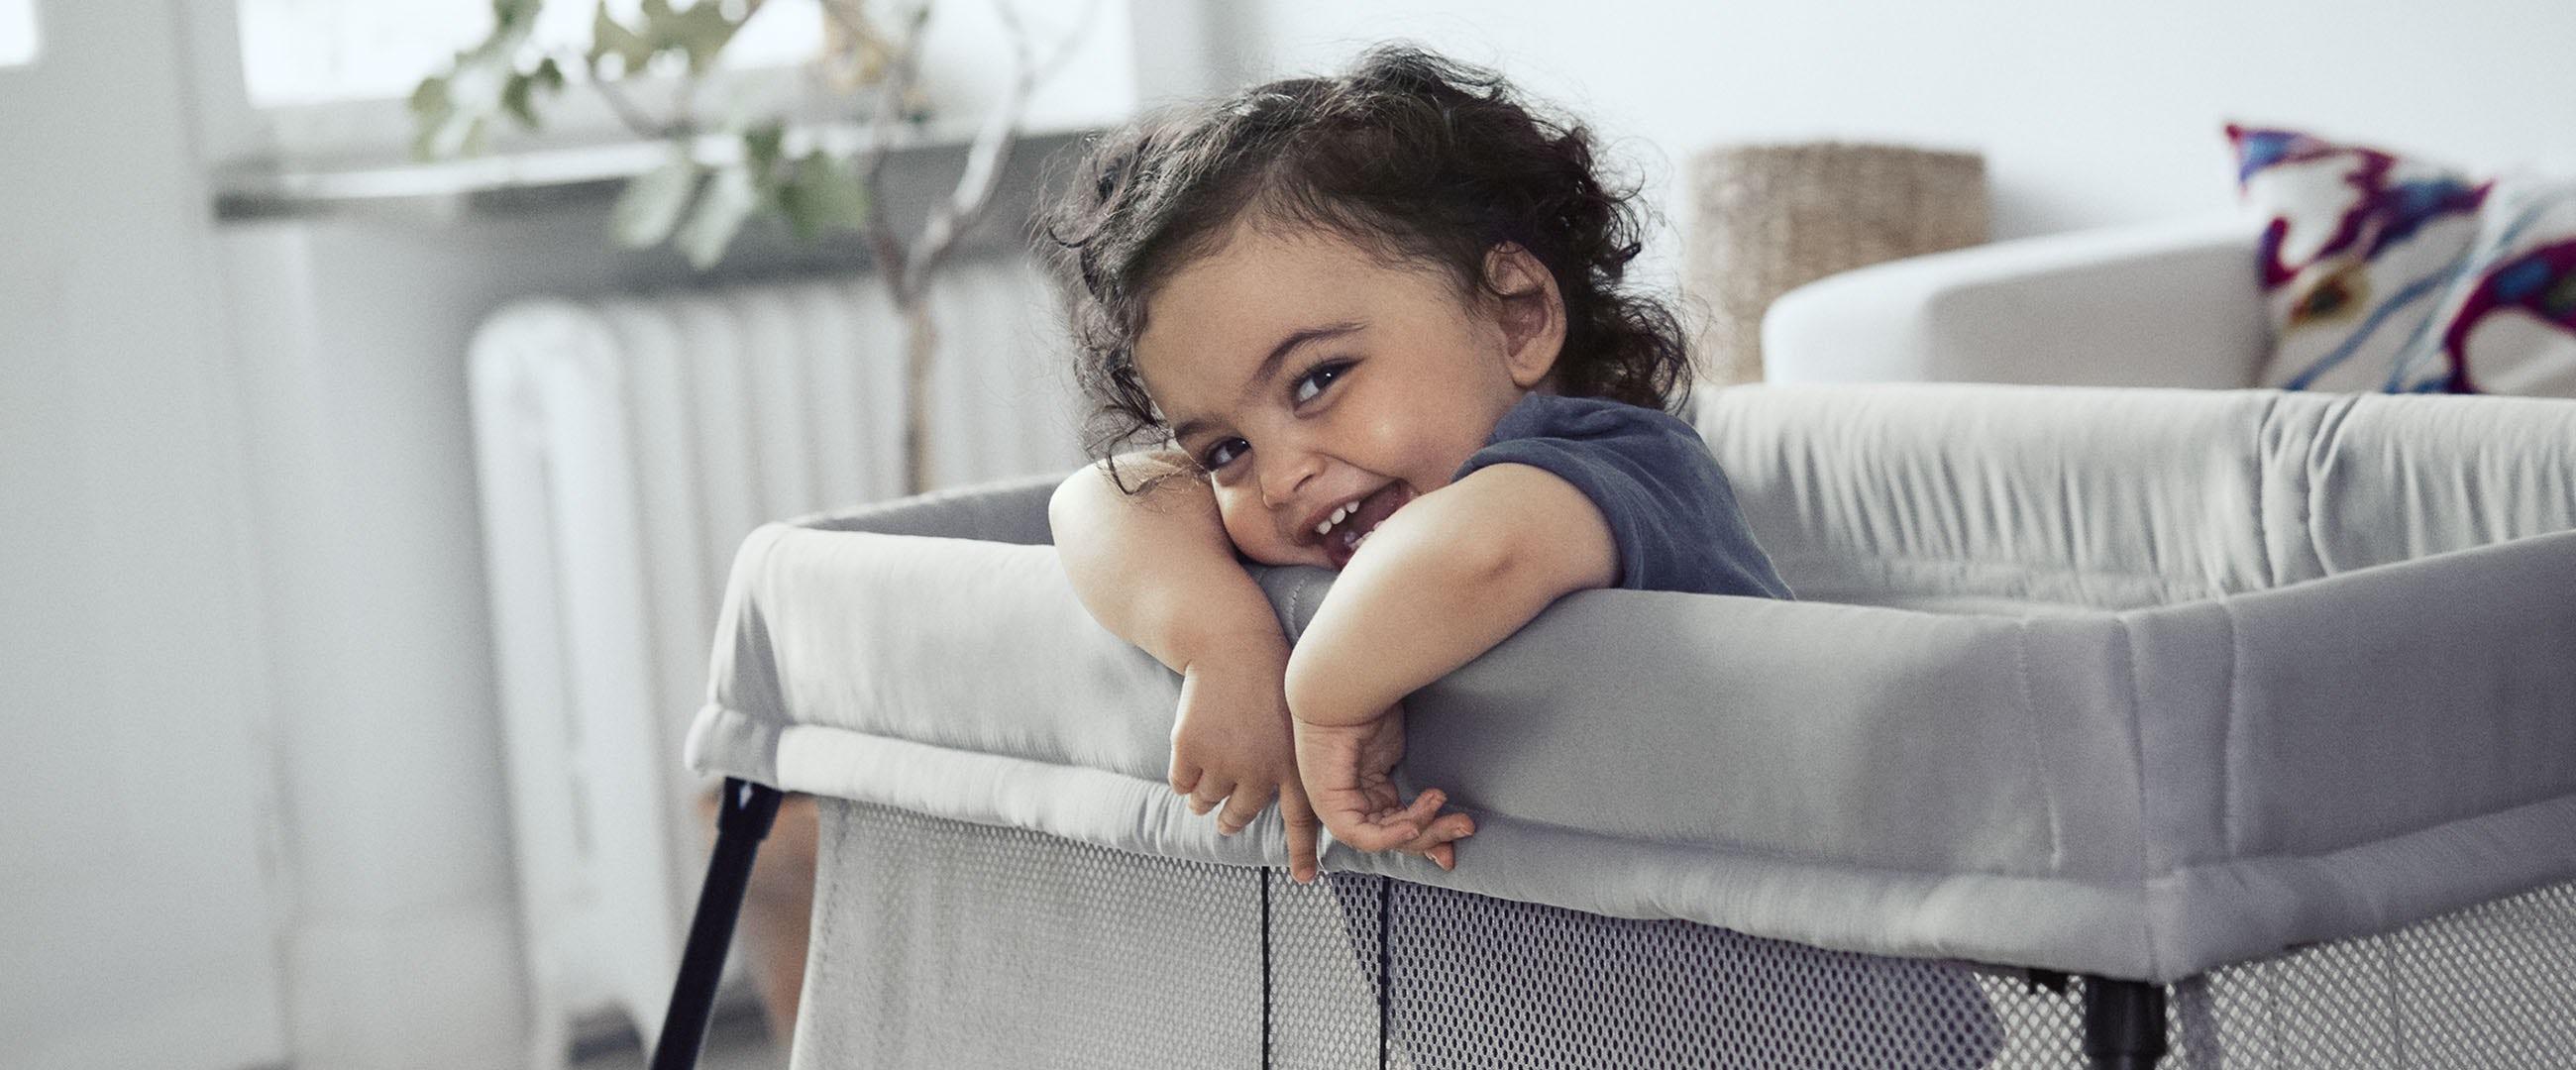 BABYBJÖRN Resesäng Light –Bäst i test – Bästa resesängen 2019